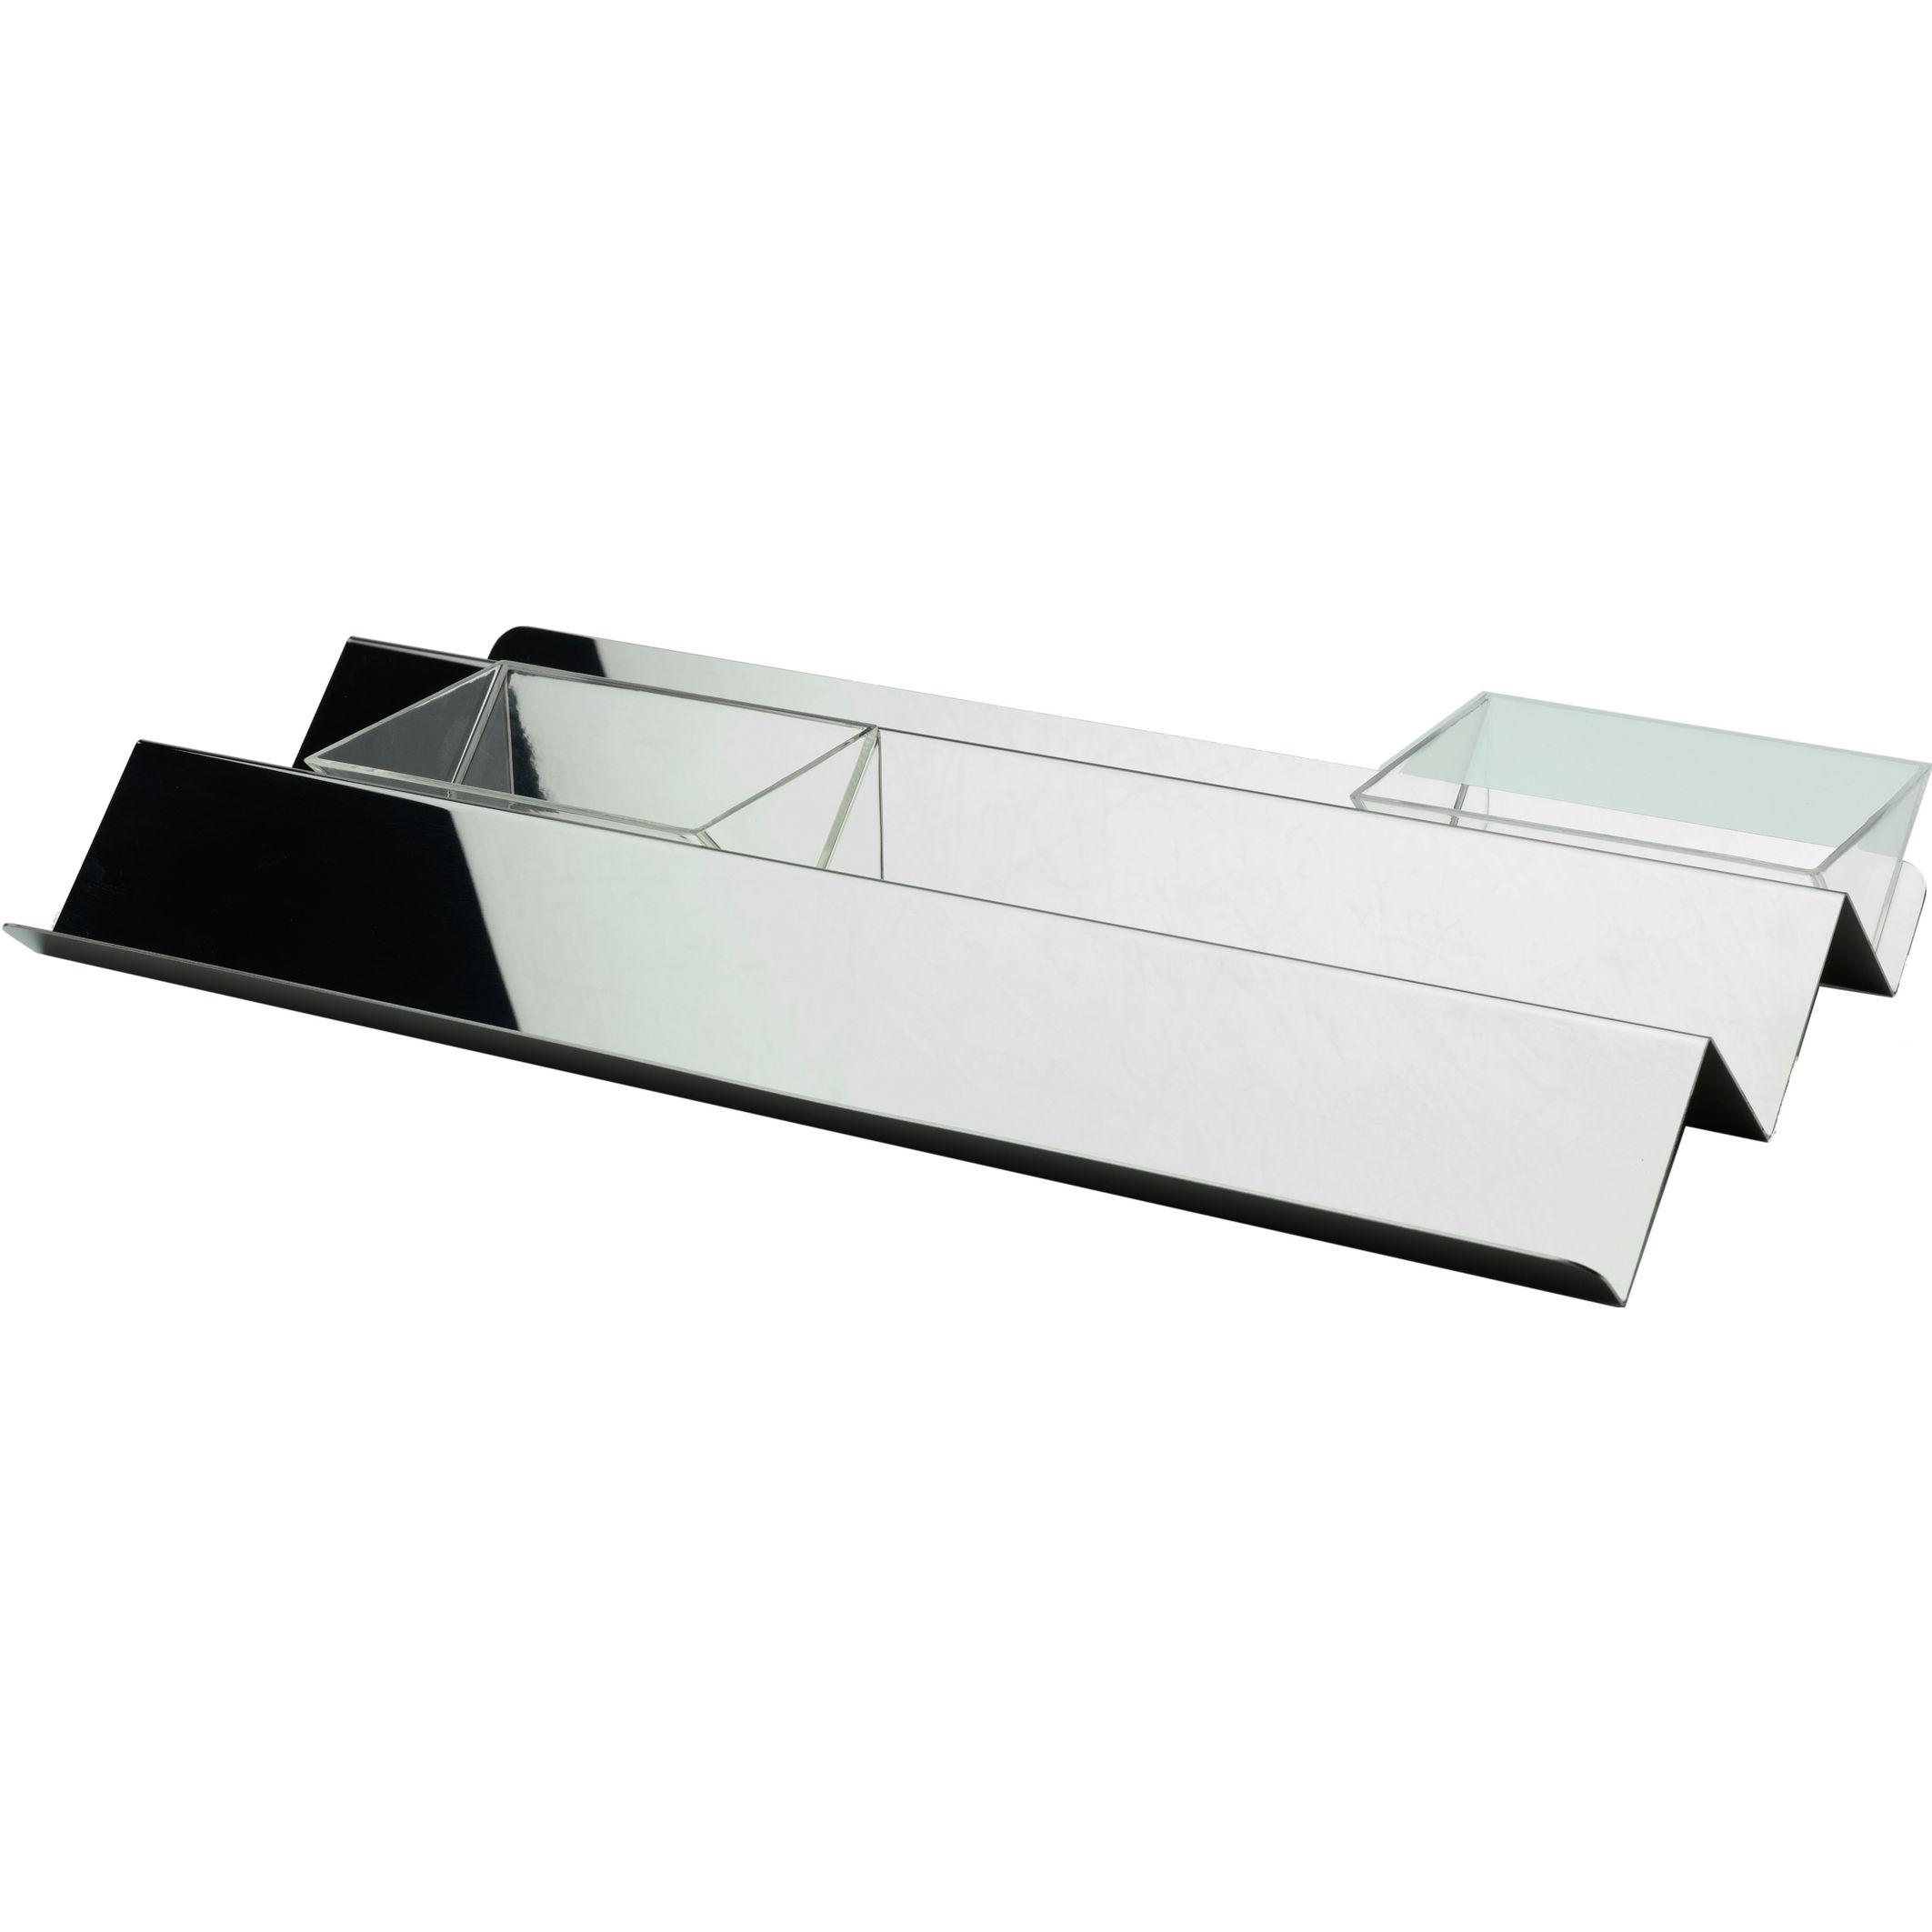 Arts de la table - Plats - Plateau V tray / 45 x 23 cm - Alessi - Acier brillant - Acier